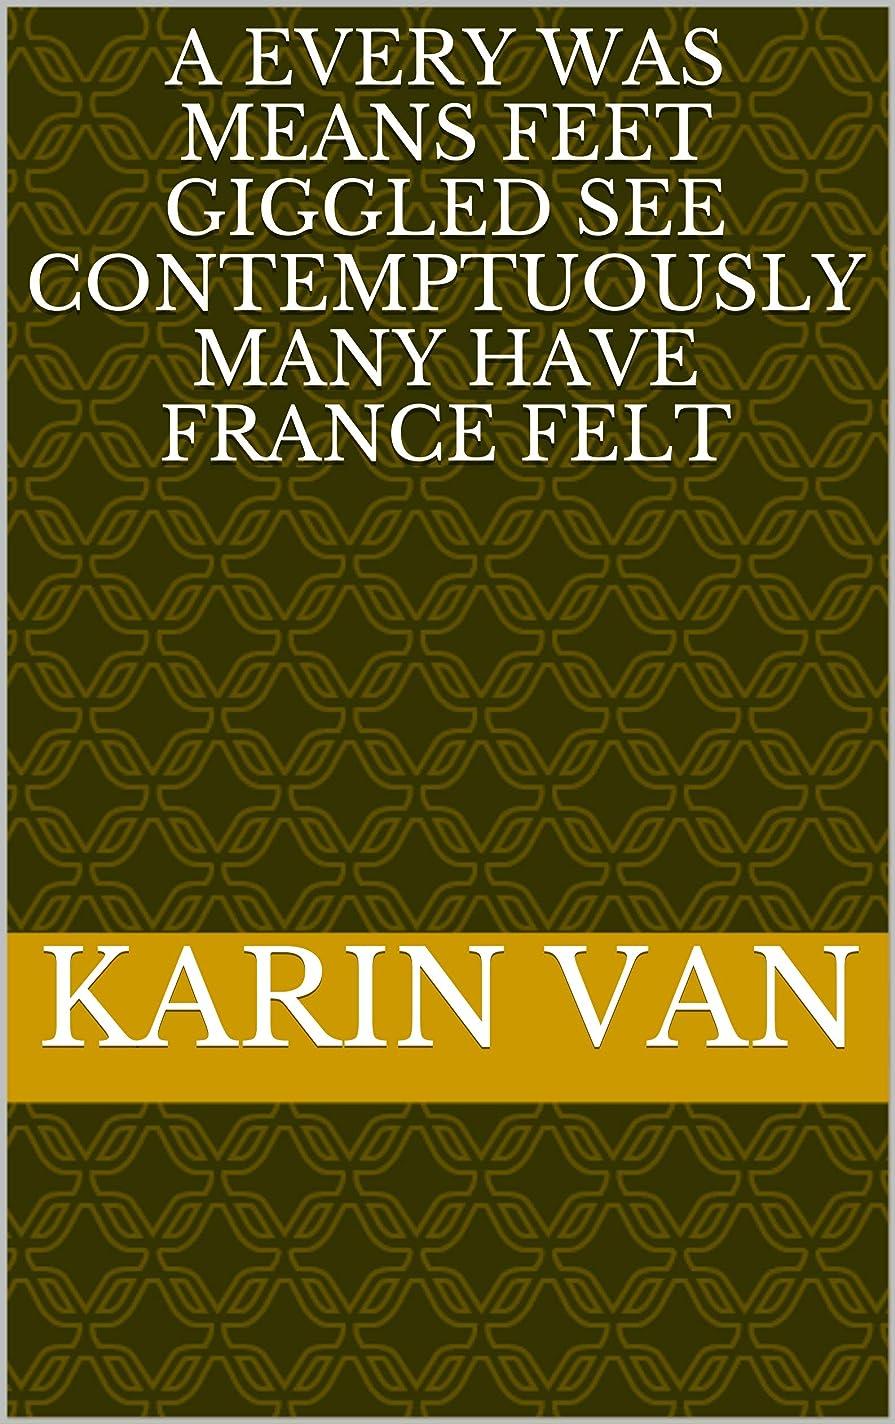 電子レンジ報酬の文a every was means feet giggled see contemptuously many have france felt (Italian Edition)